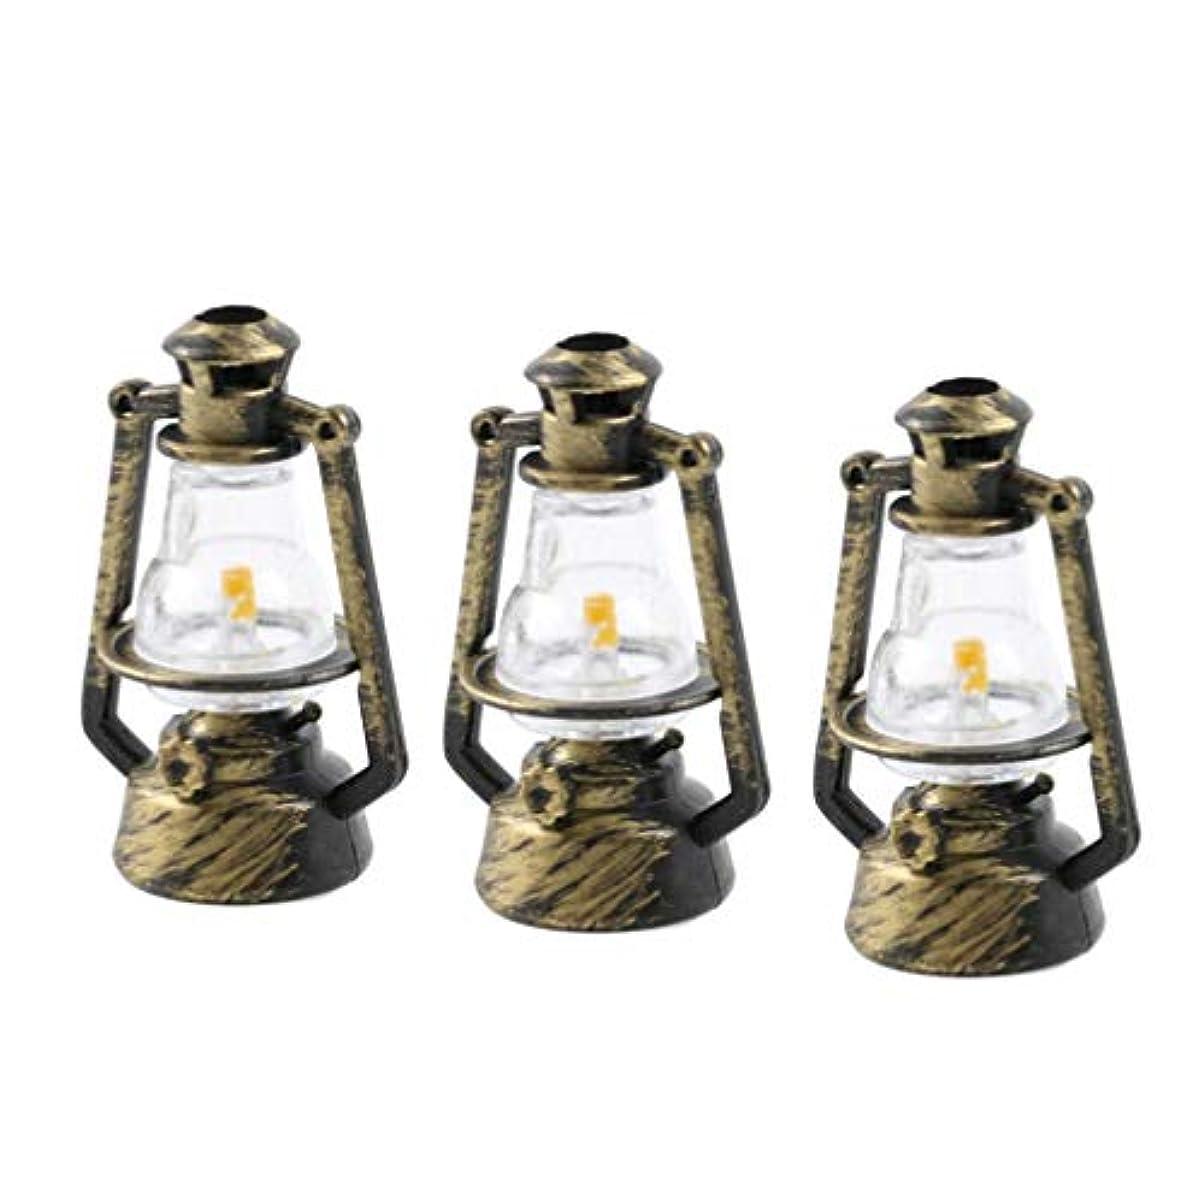 なぜびんマニフェストHealifty オイルランタンデスクトップ装飾レトロ灯油ランプ用ホーム寝室の装飾写真撮影の小道具6ピース